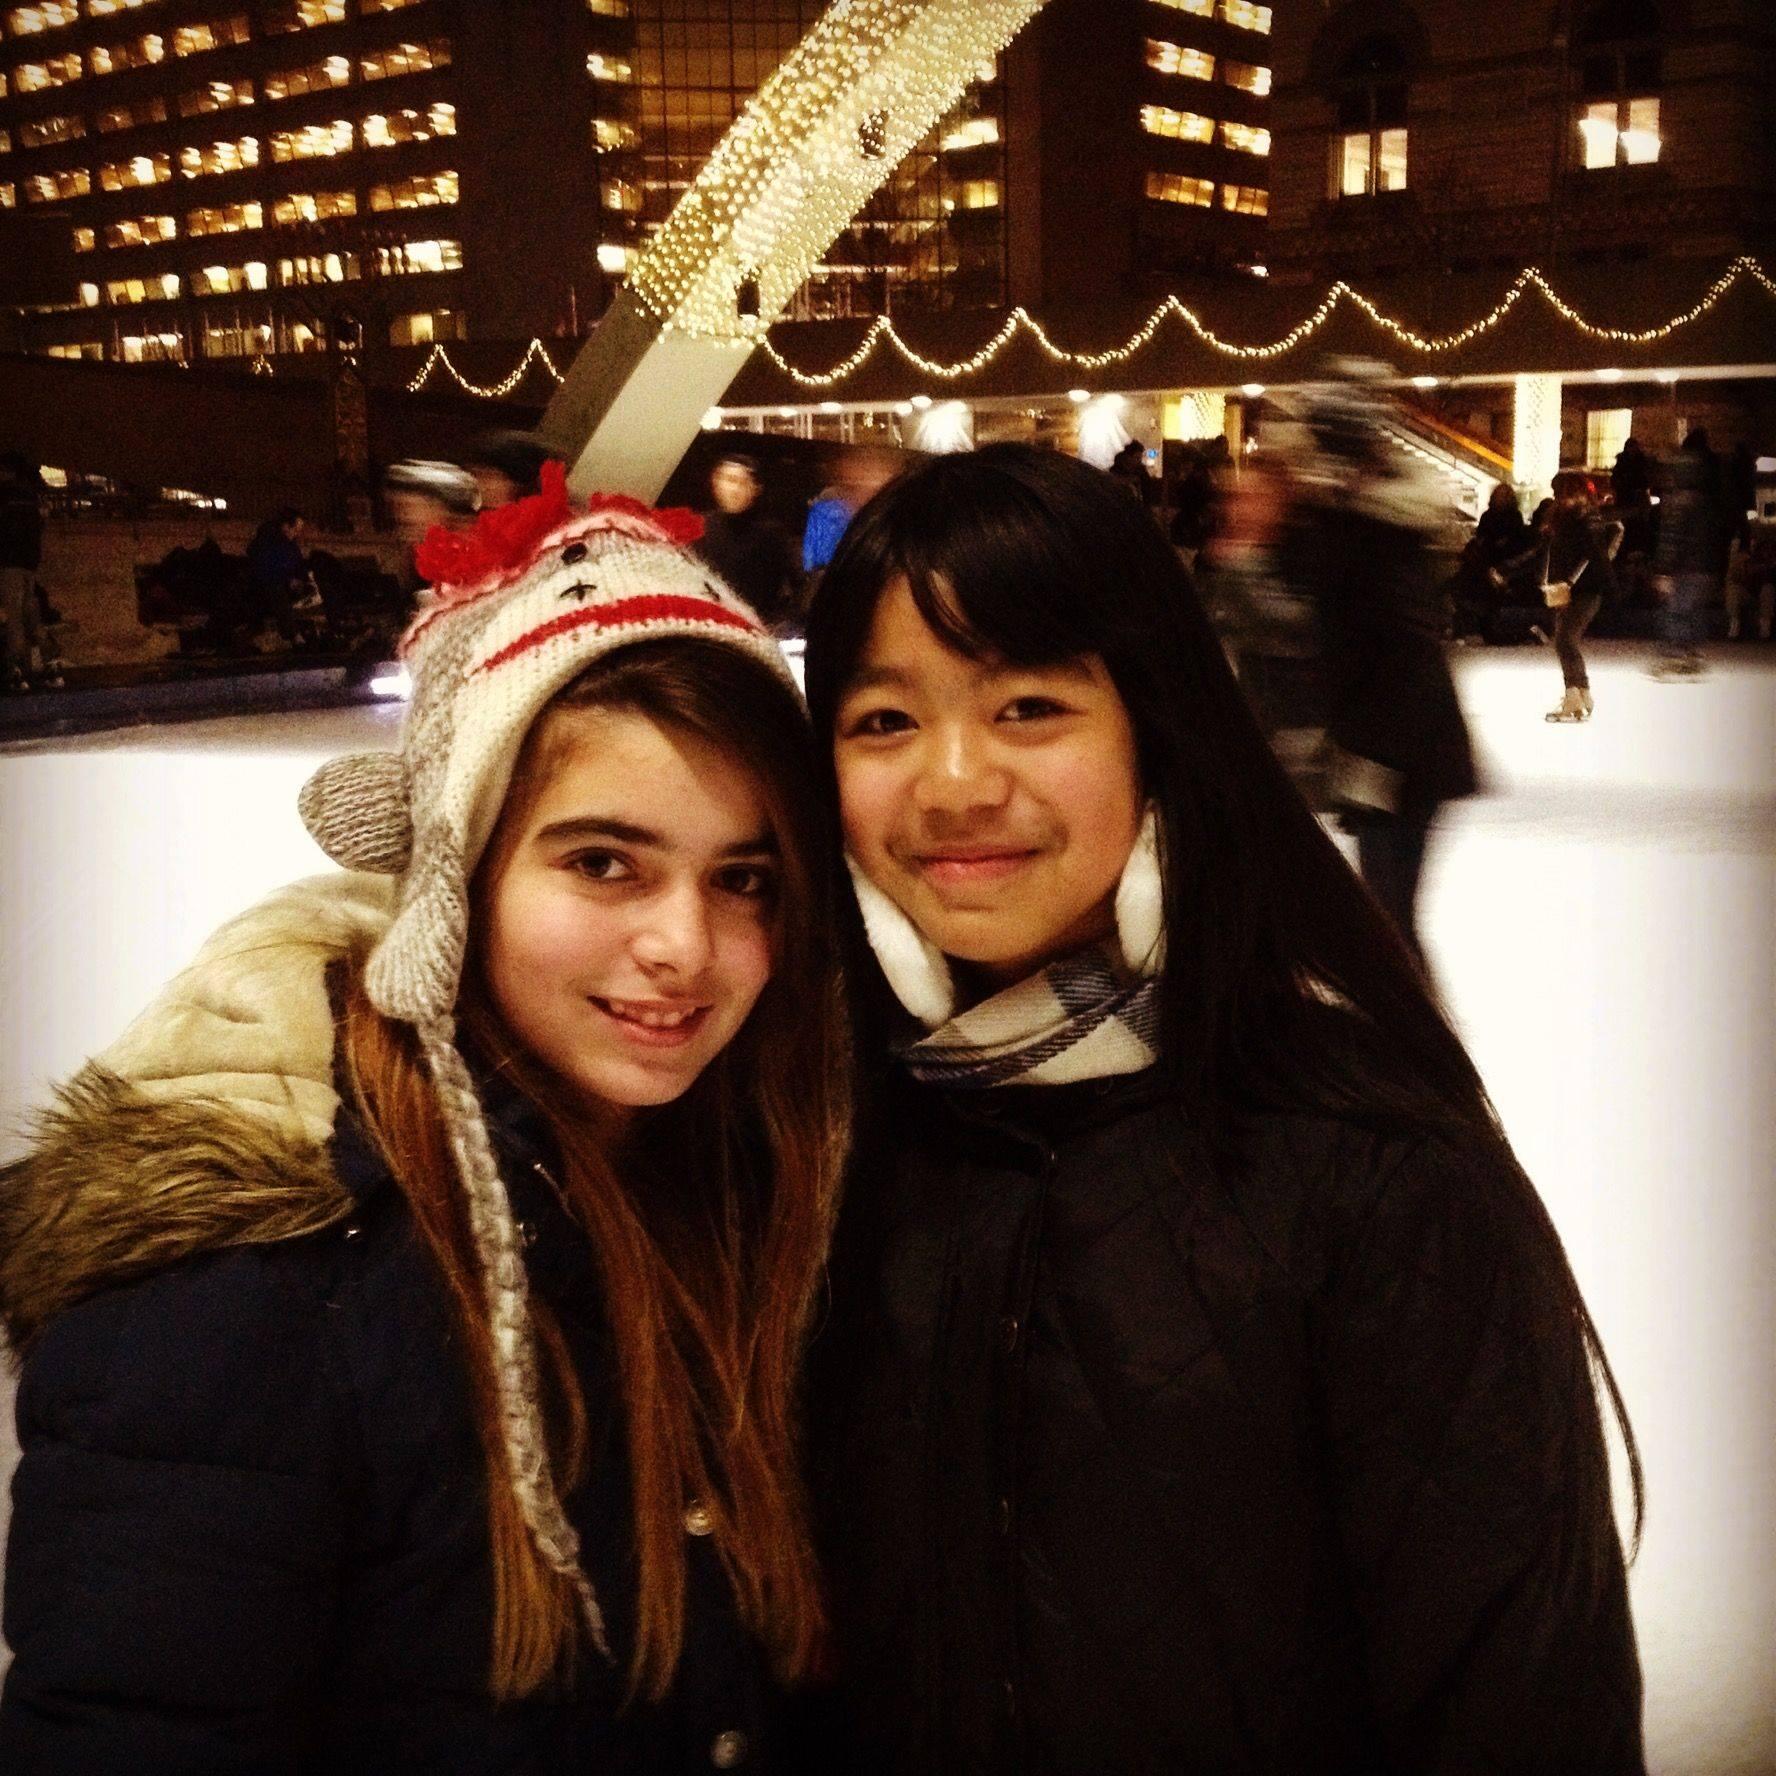 Holiday Skating Night   Nathan Phillips Square